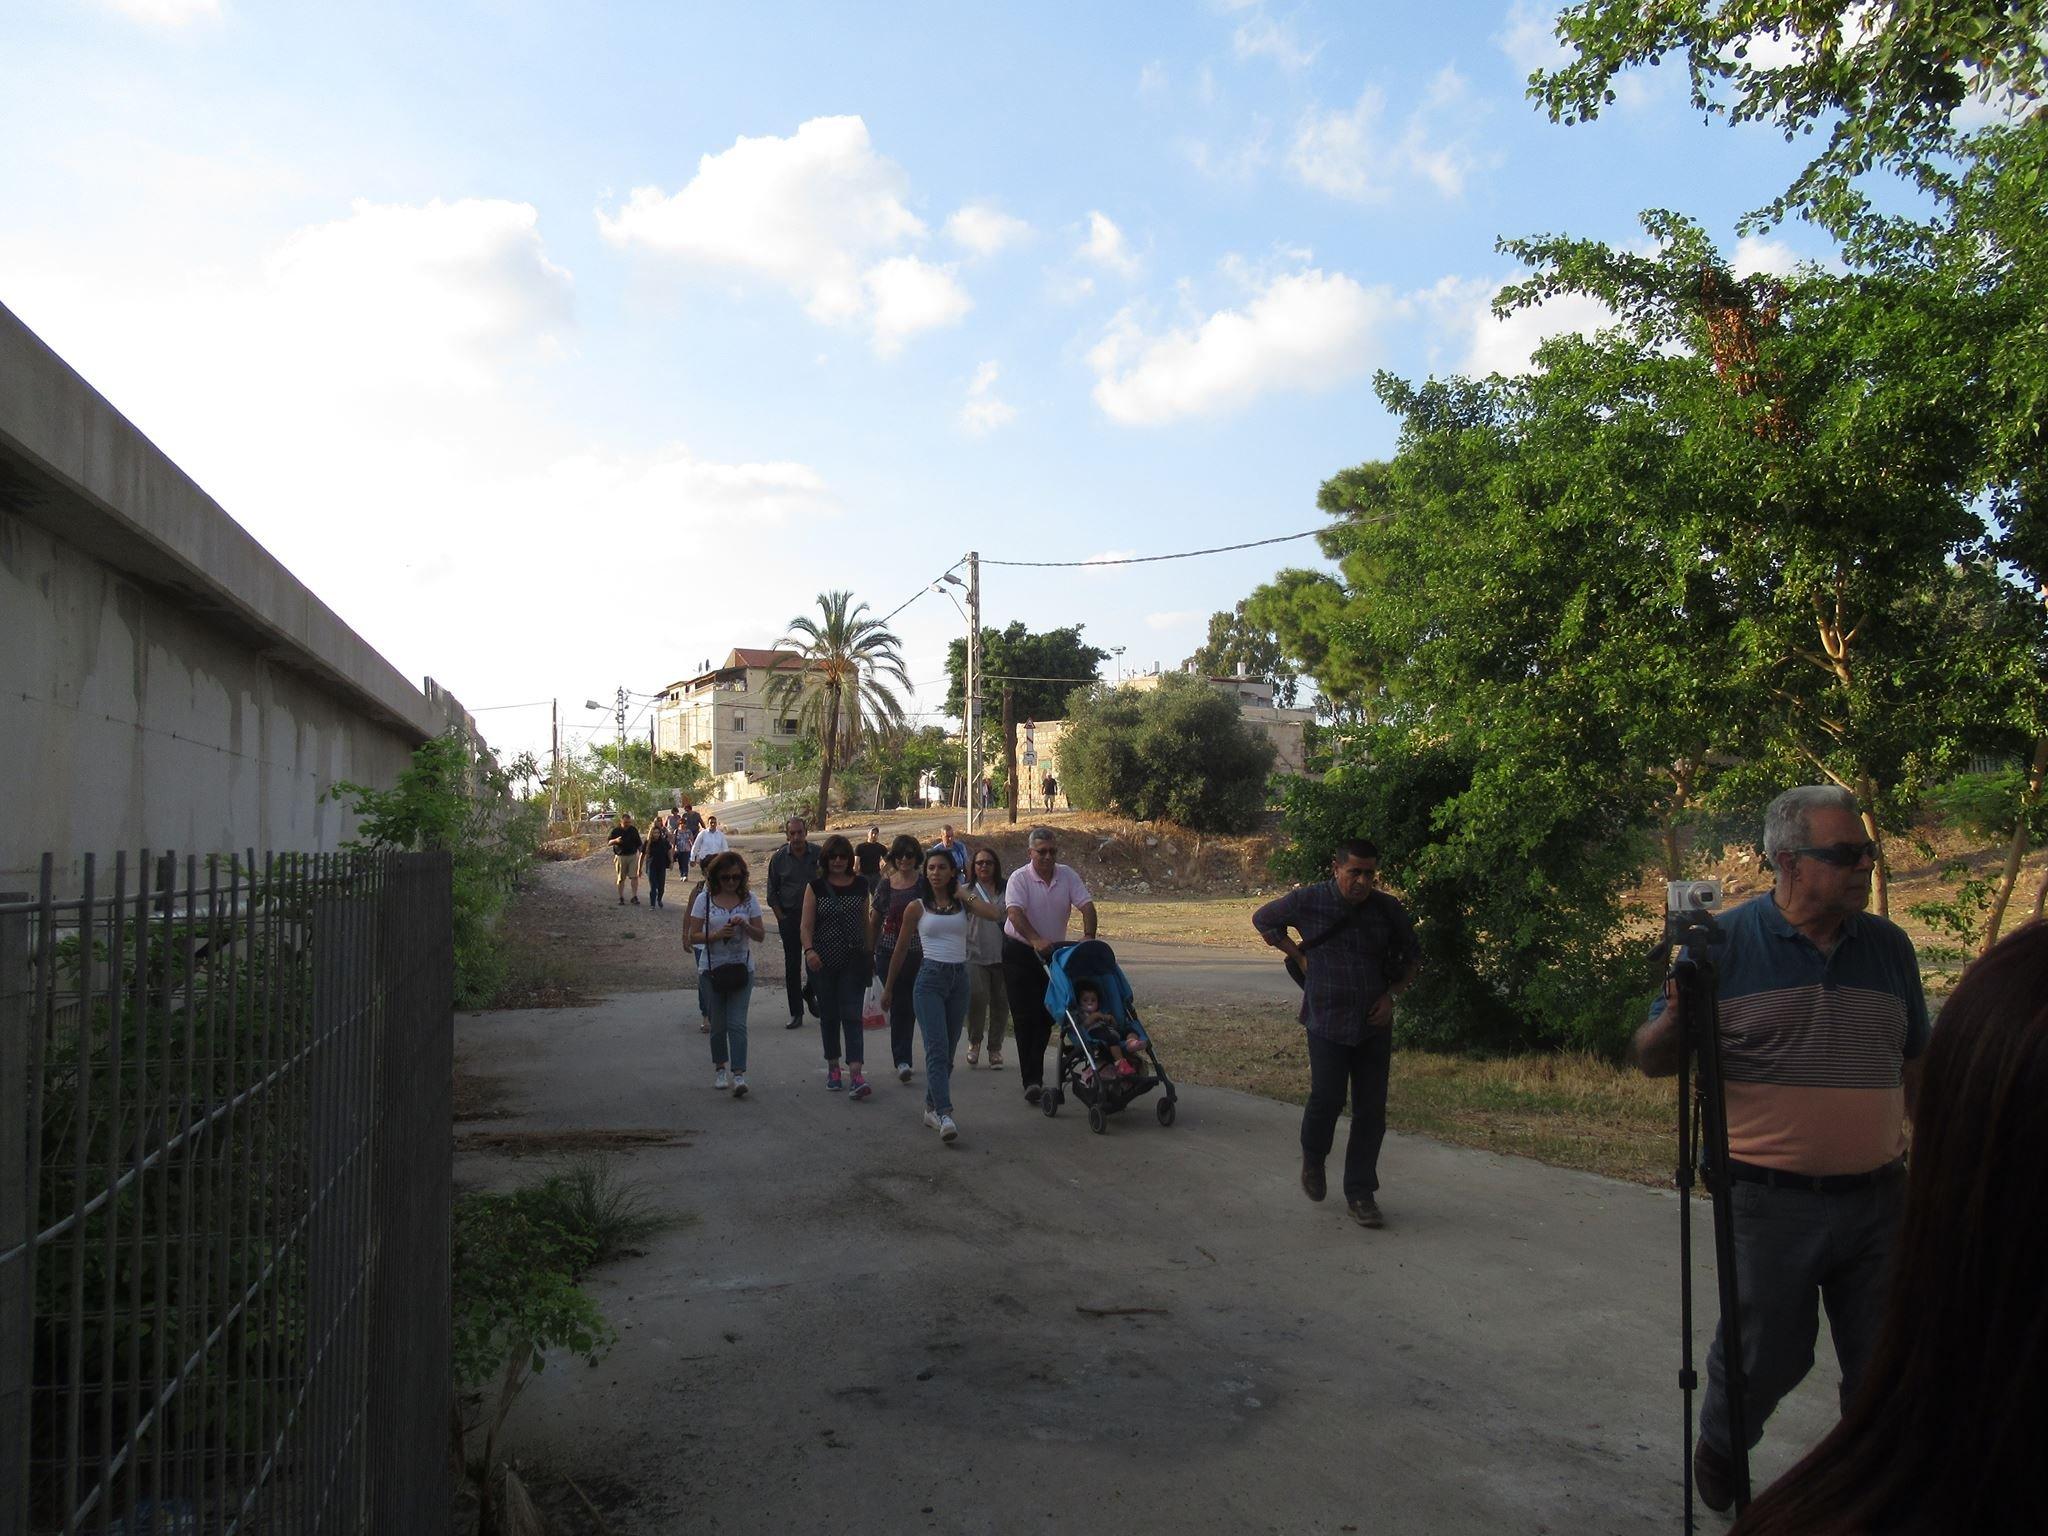 جولة في حي العتيقة الحيفاوي- محطة الكرمل العريق